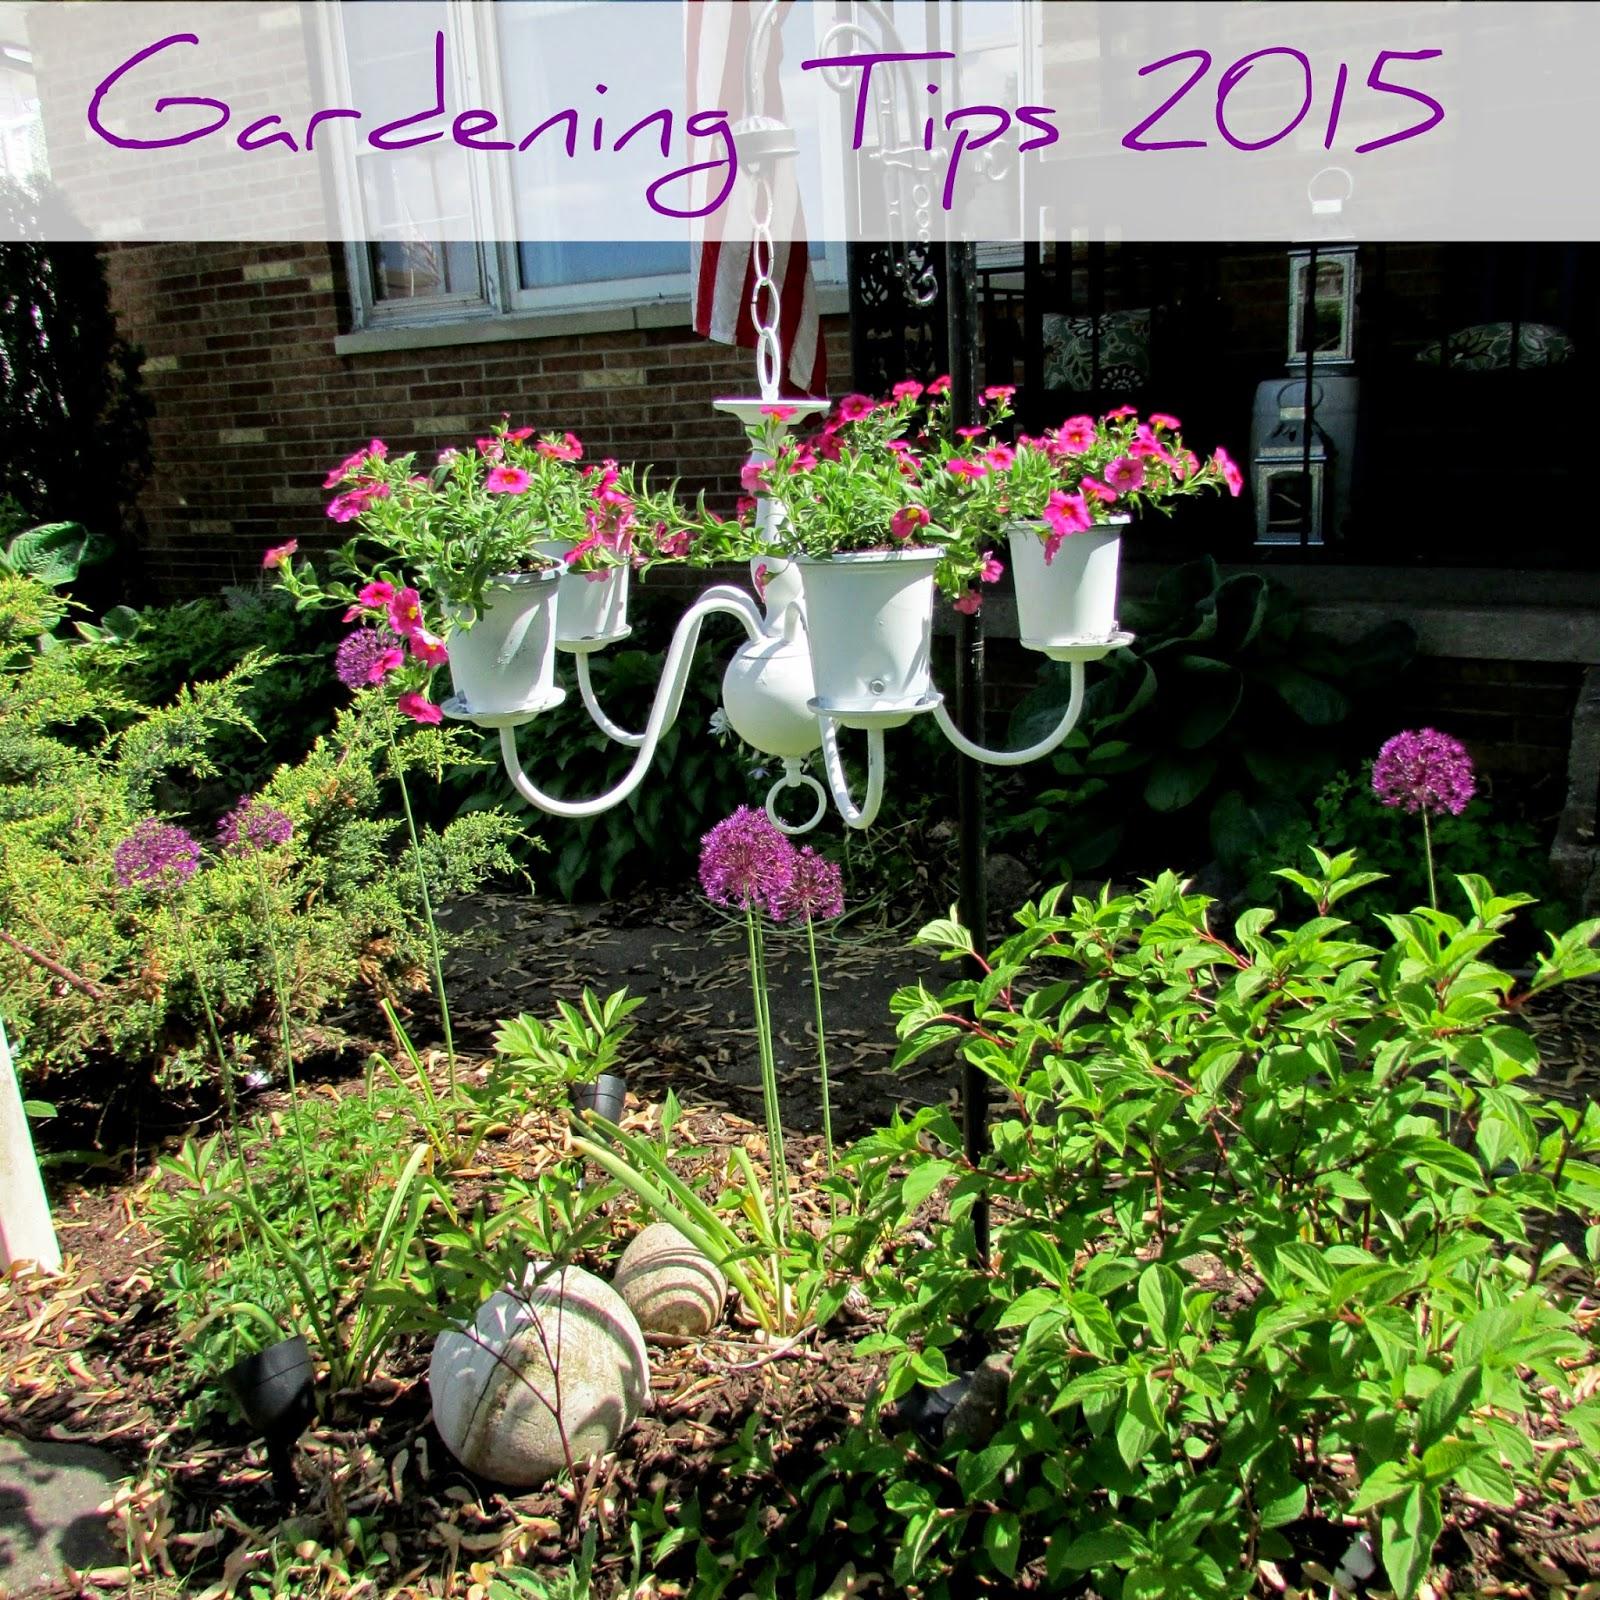 spring garden tips photos 2015 - Rustic Garden 2015